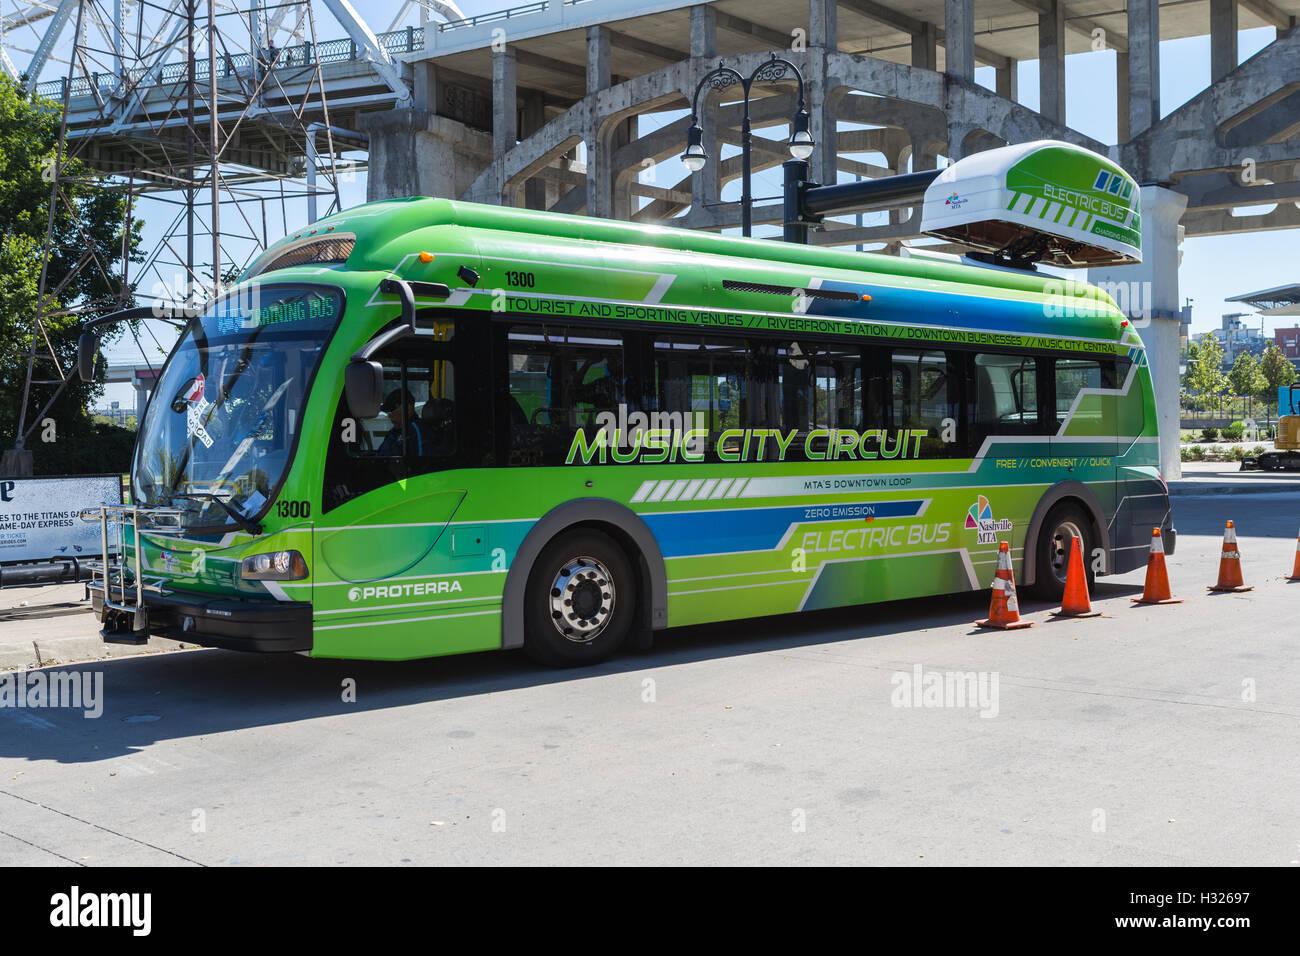 Eine elektrische Musik Stadtkurs Zirkulator Bus Ladungen auf einen israelischen Bus Ladestation am Flussufer Bahnhof Stockbild